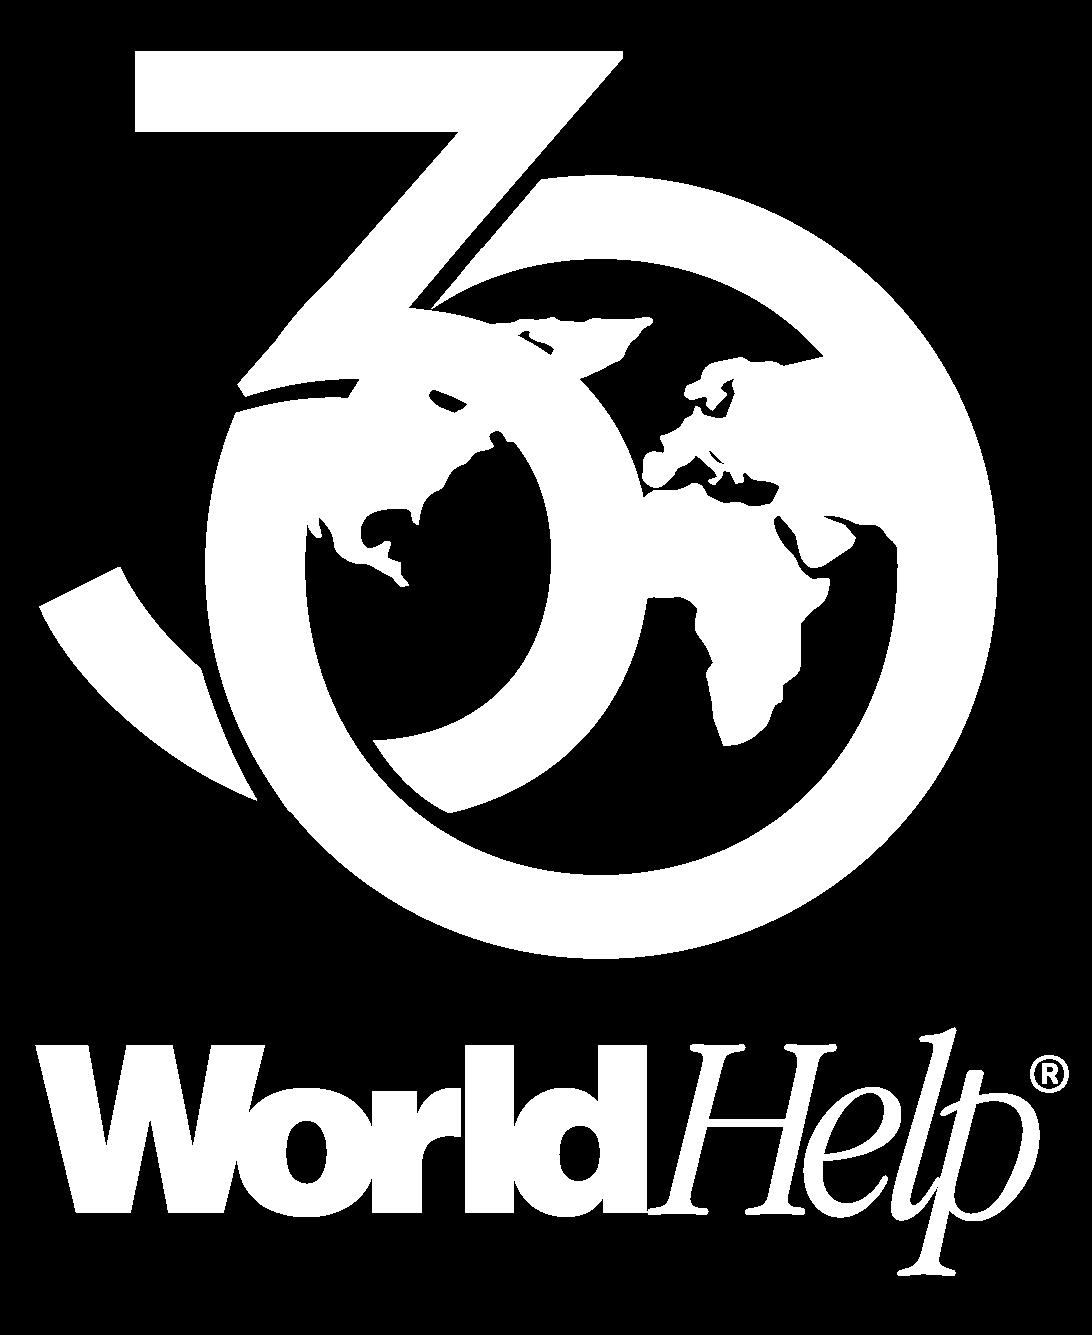 World Help footer logo